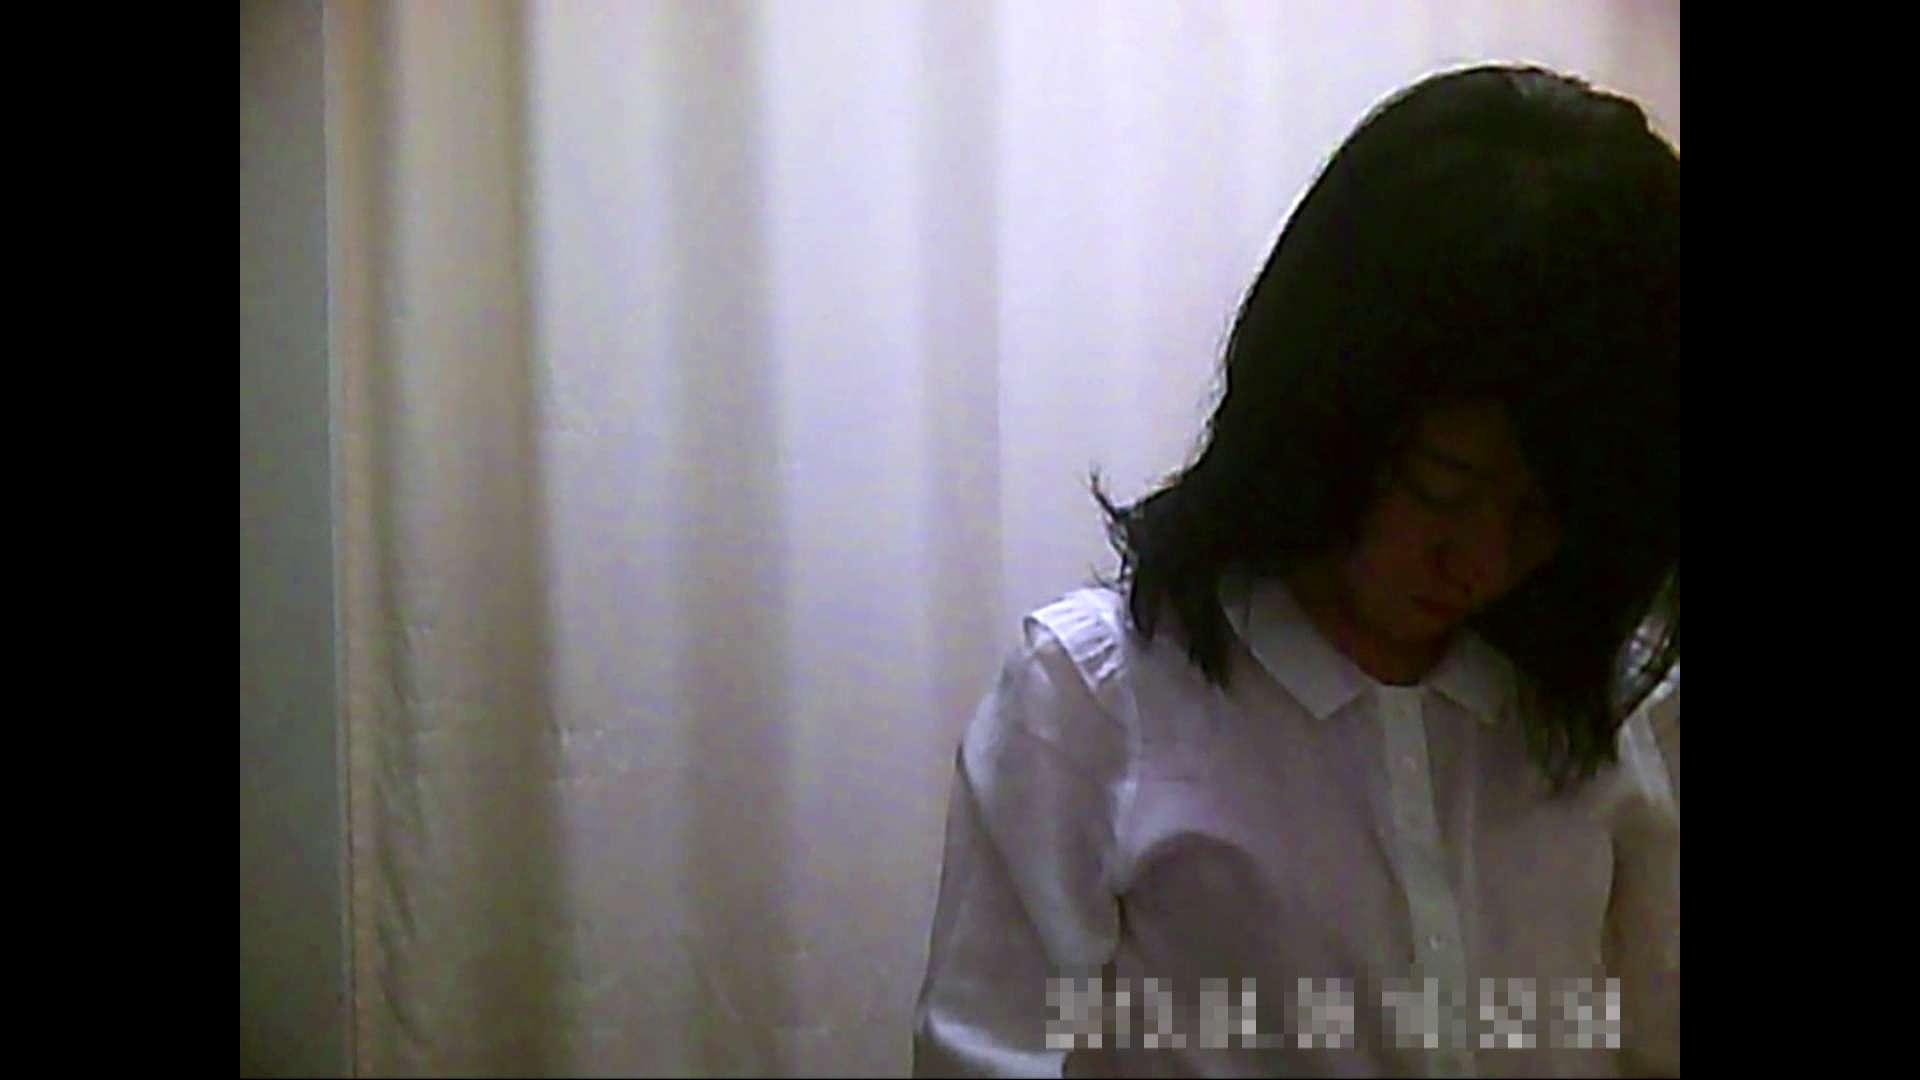 元医者による反抗 更衣室地獄絵巻 vol.097 OLの実態  87pic 16